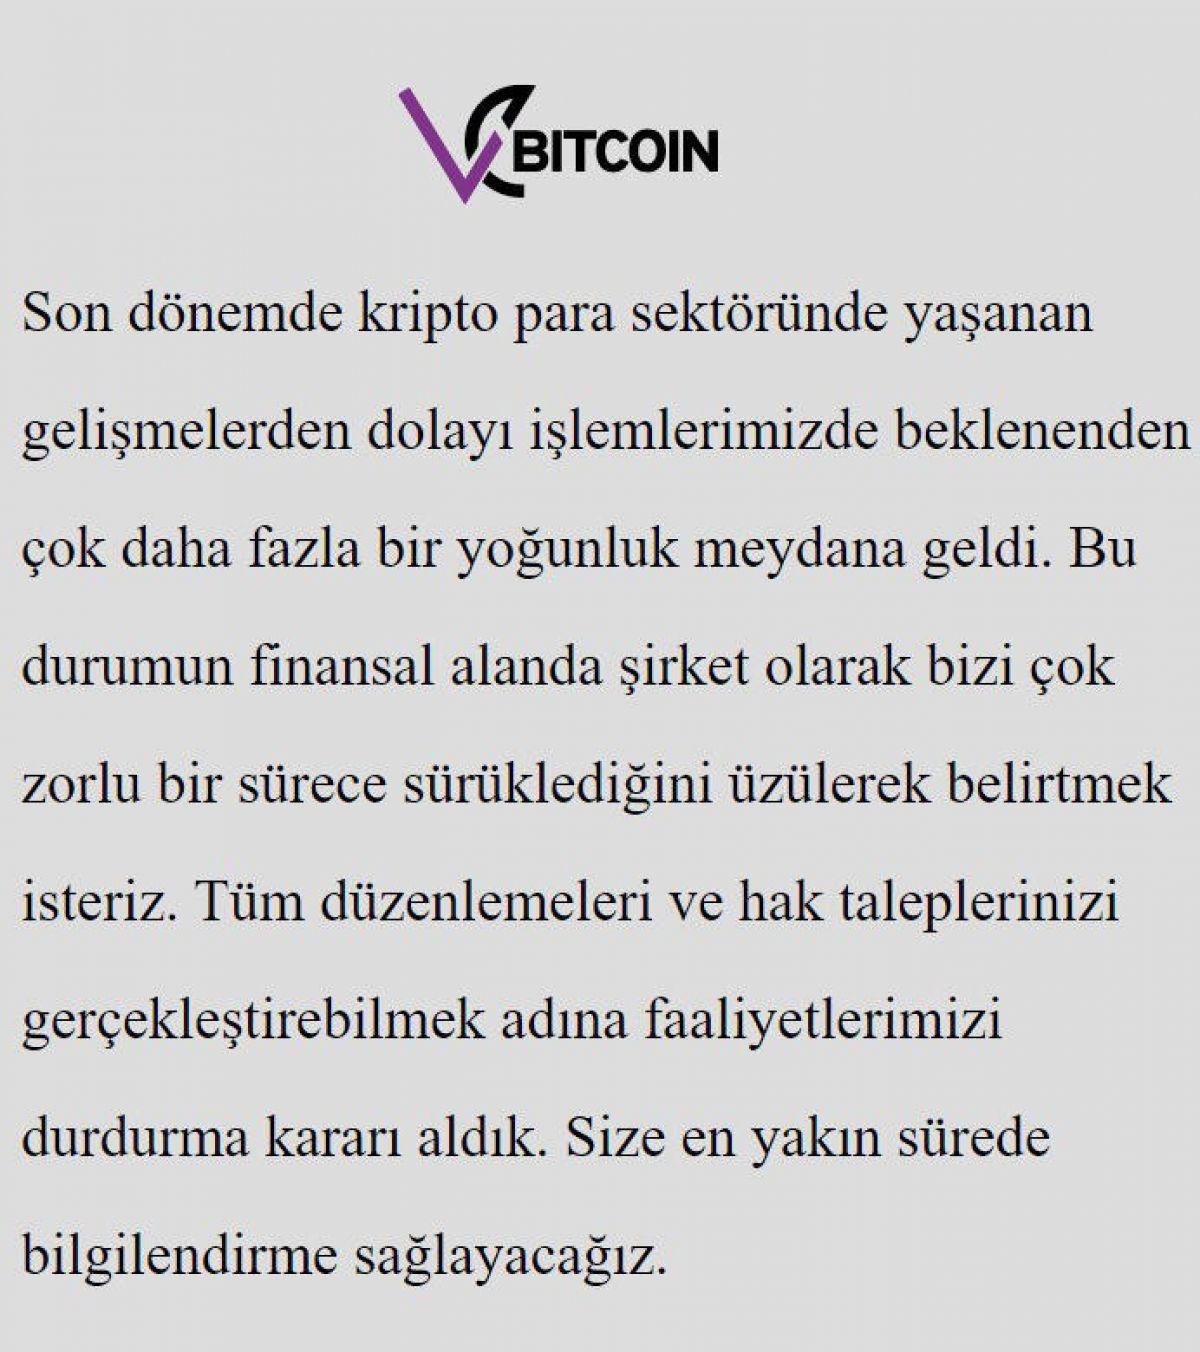 Kripto para işlem platformu Vebitcoin Ceo su gözaltına alındı #5